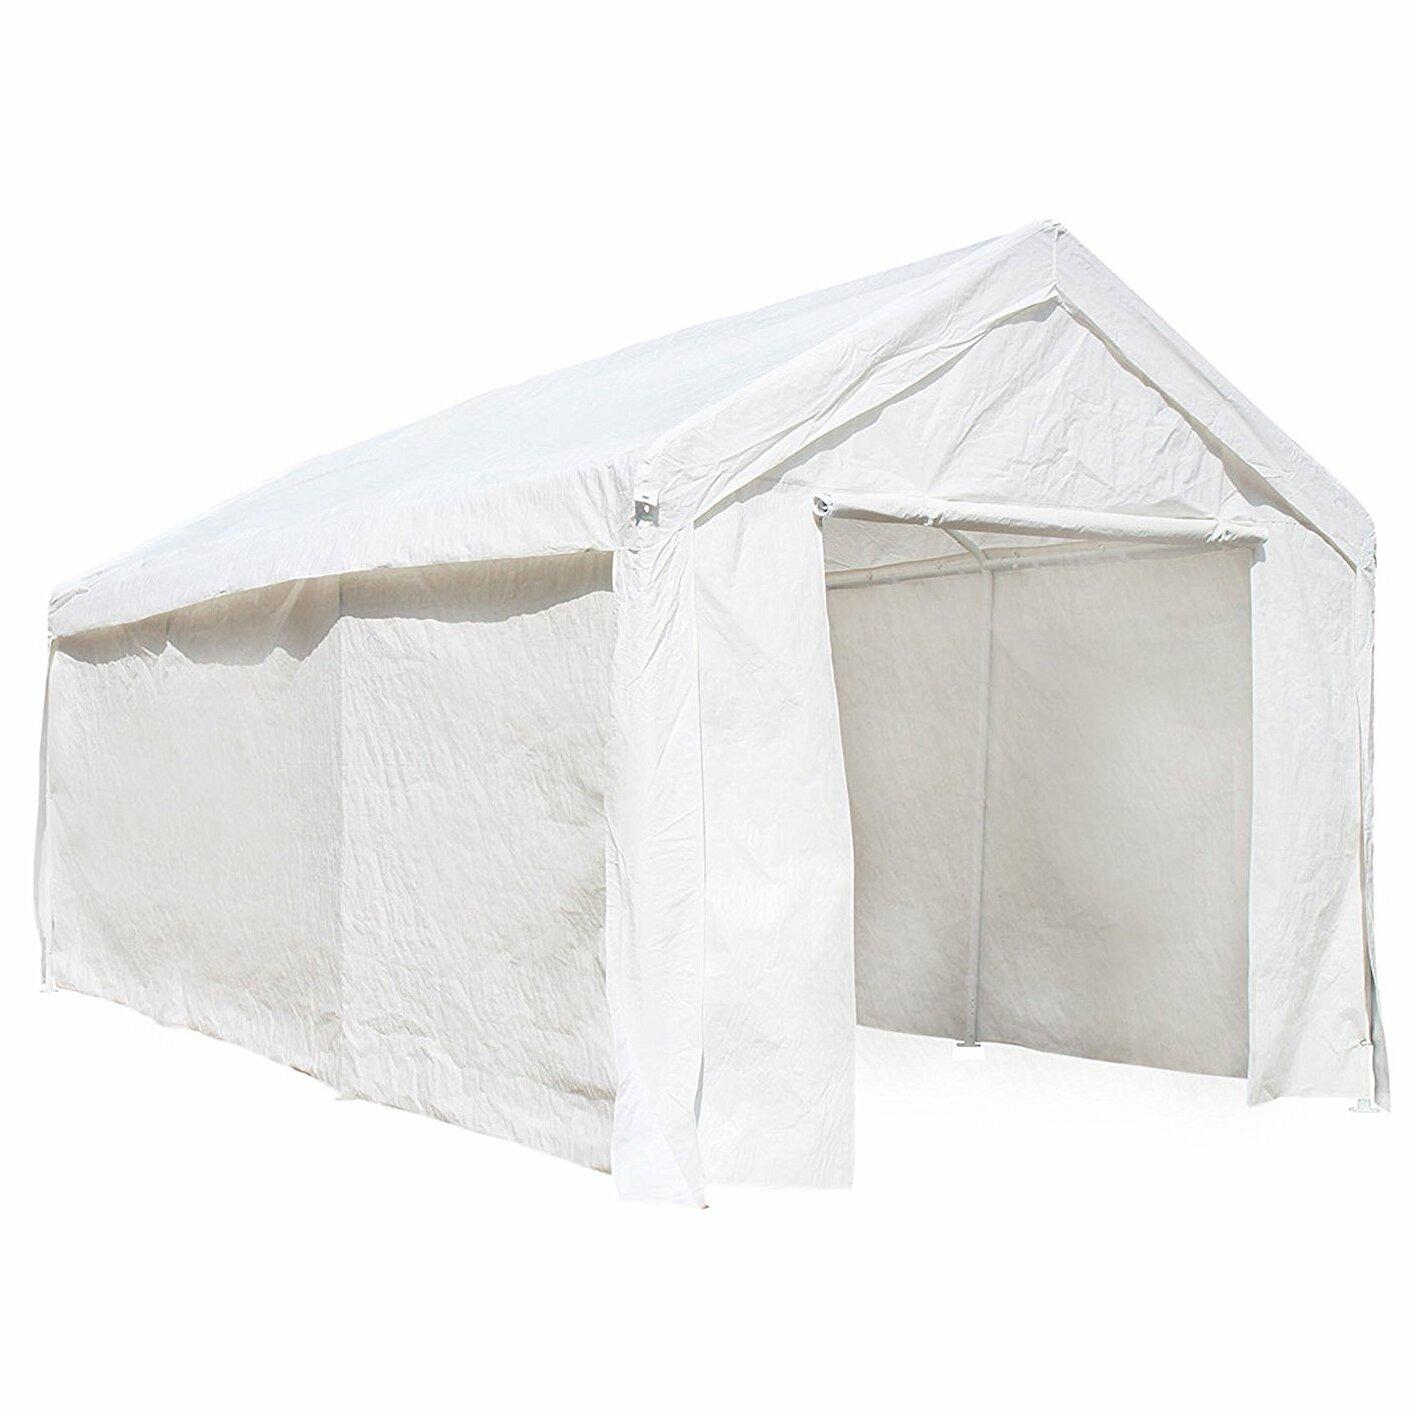 ALEKO Heavy Duty Outdoor 10 Ft. W x 20 Ft. D Metal Party Tent ...